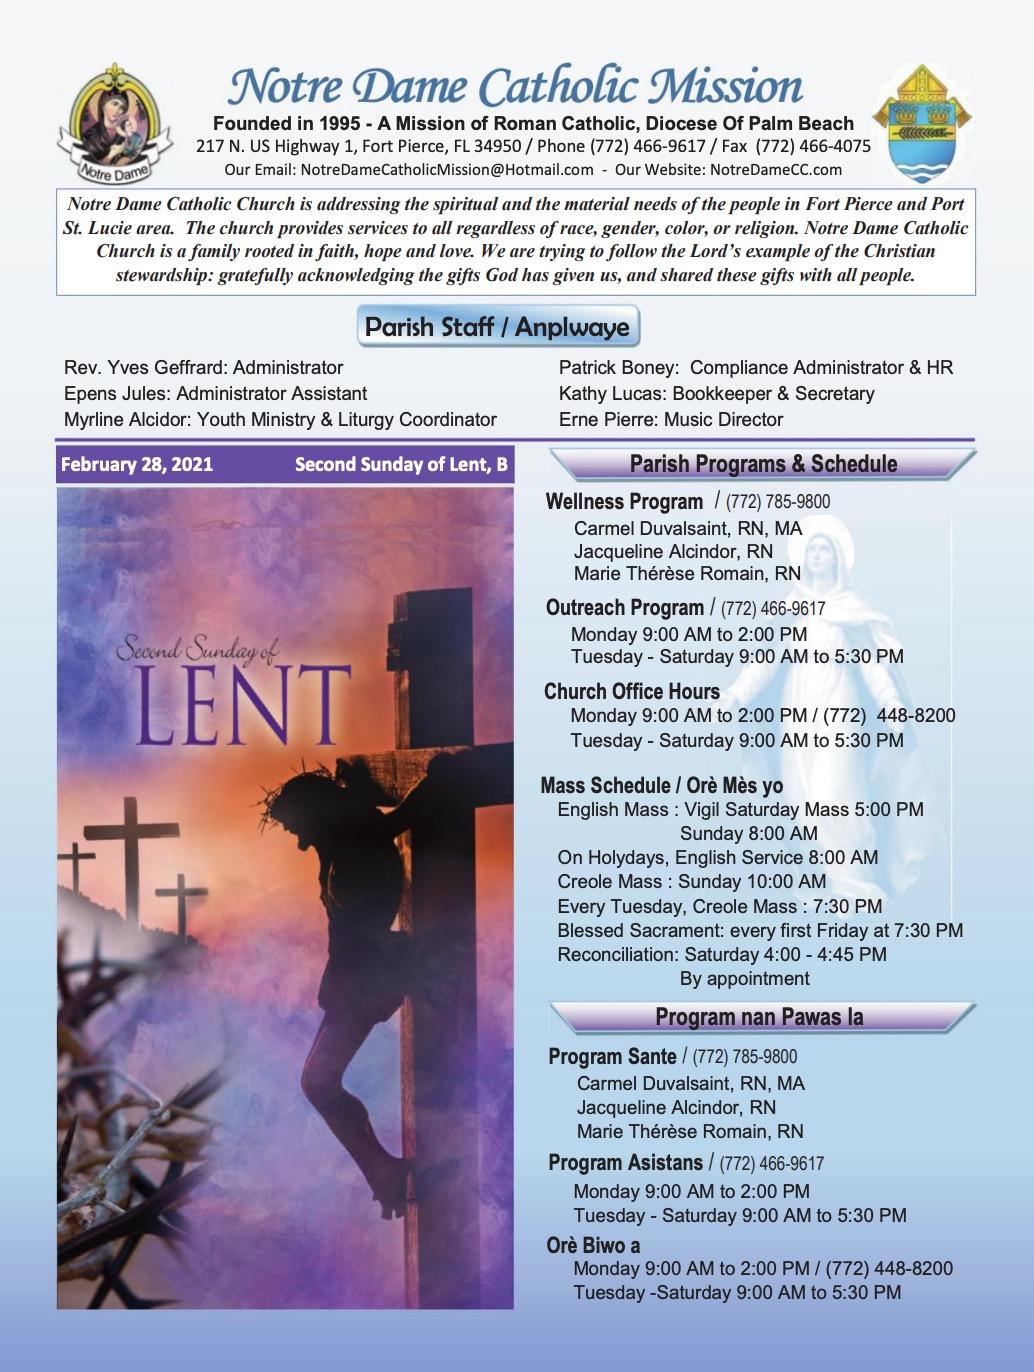 Feb 28, 2021 Bulletin